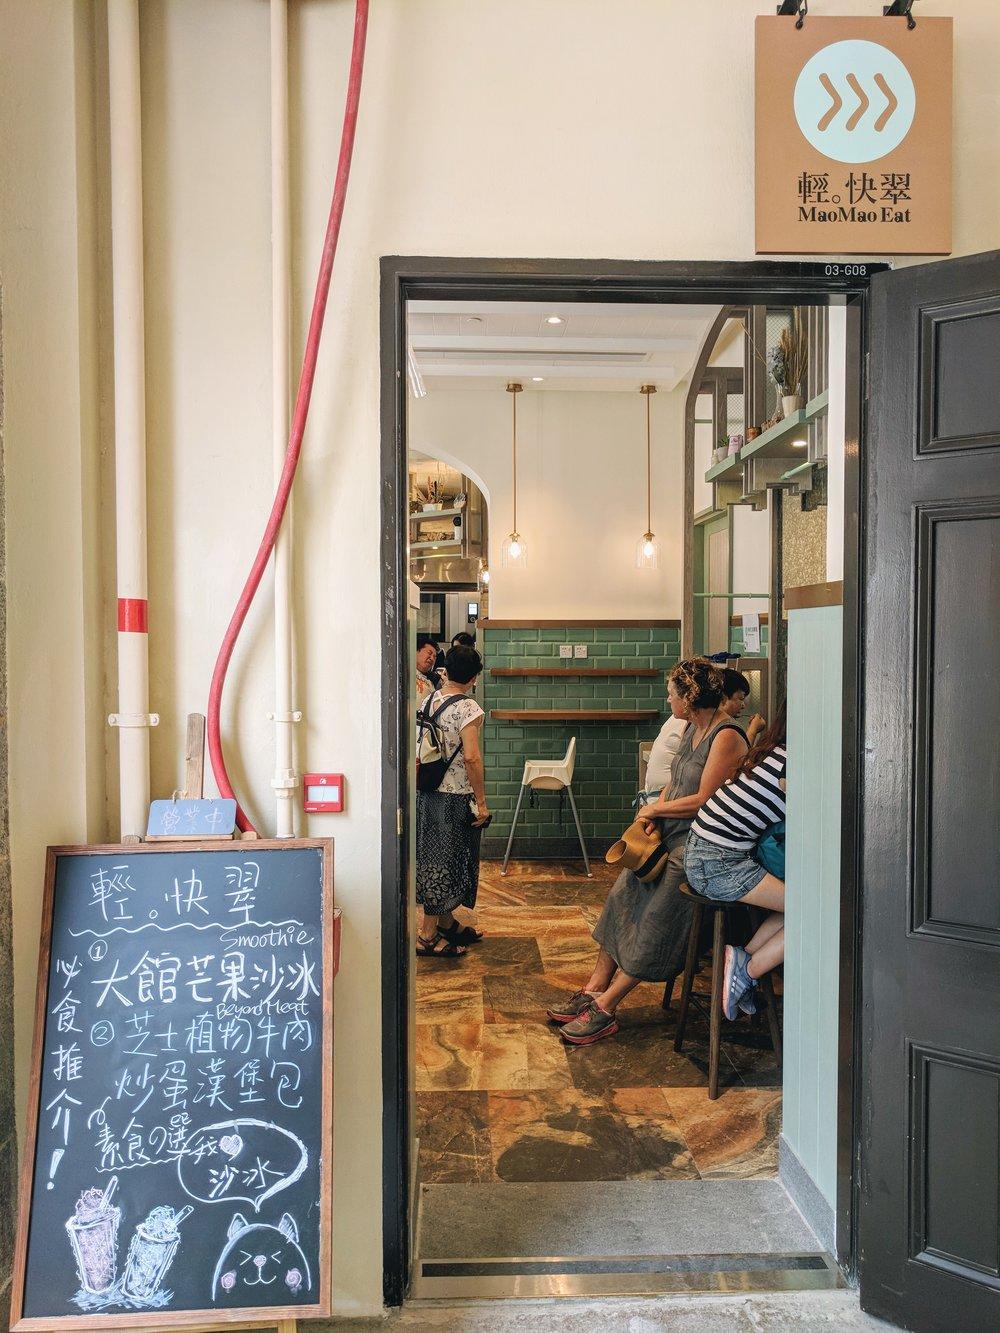 Beyond Meat 在香港已经不难找到。这次去了新开公共艺术空间大馆,也在那里的餐厅发现了它的踪影,还被重点推荐